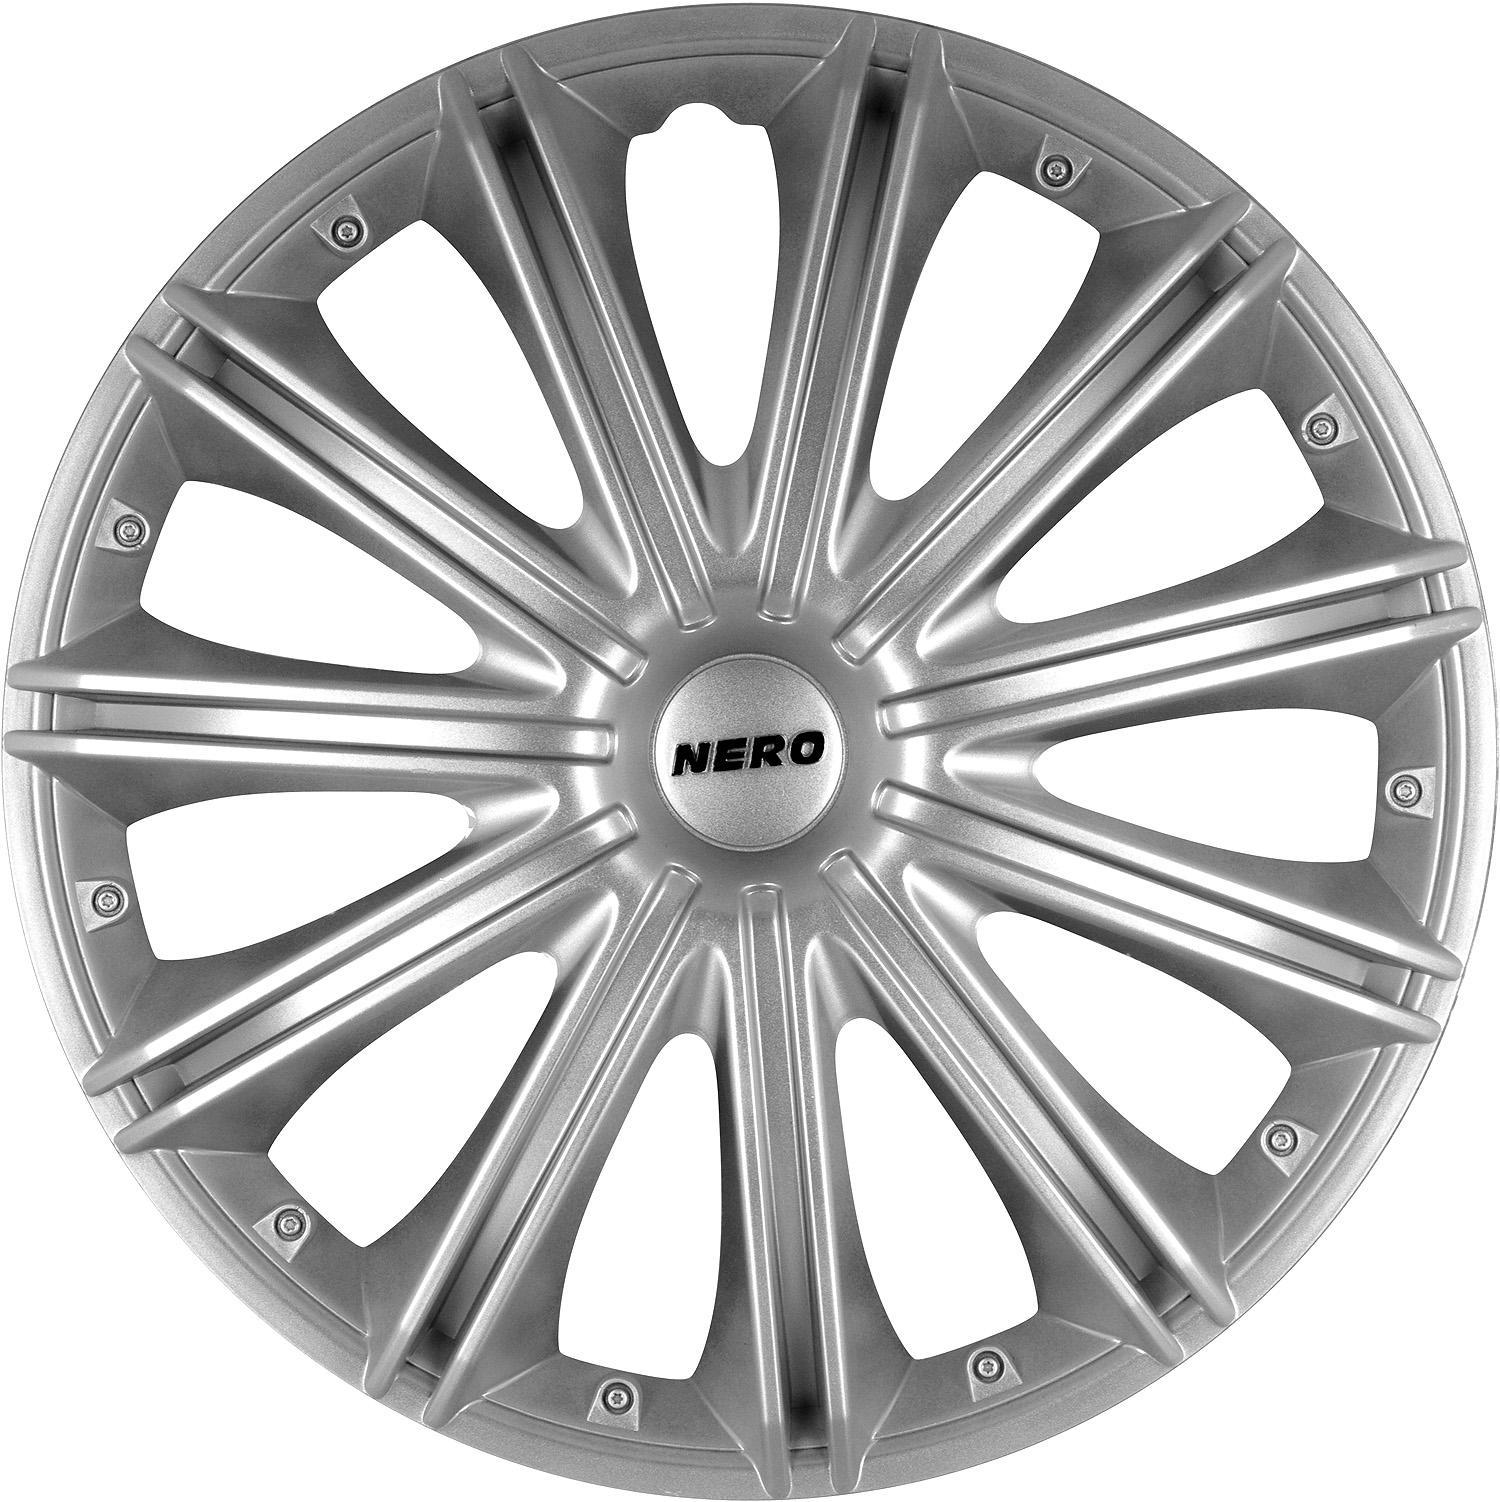 ARGO  13 NERO Wheel trims Quantity Unit: Kit